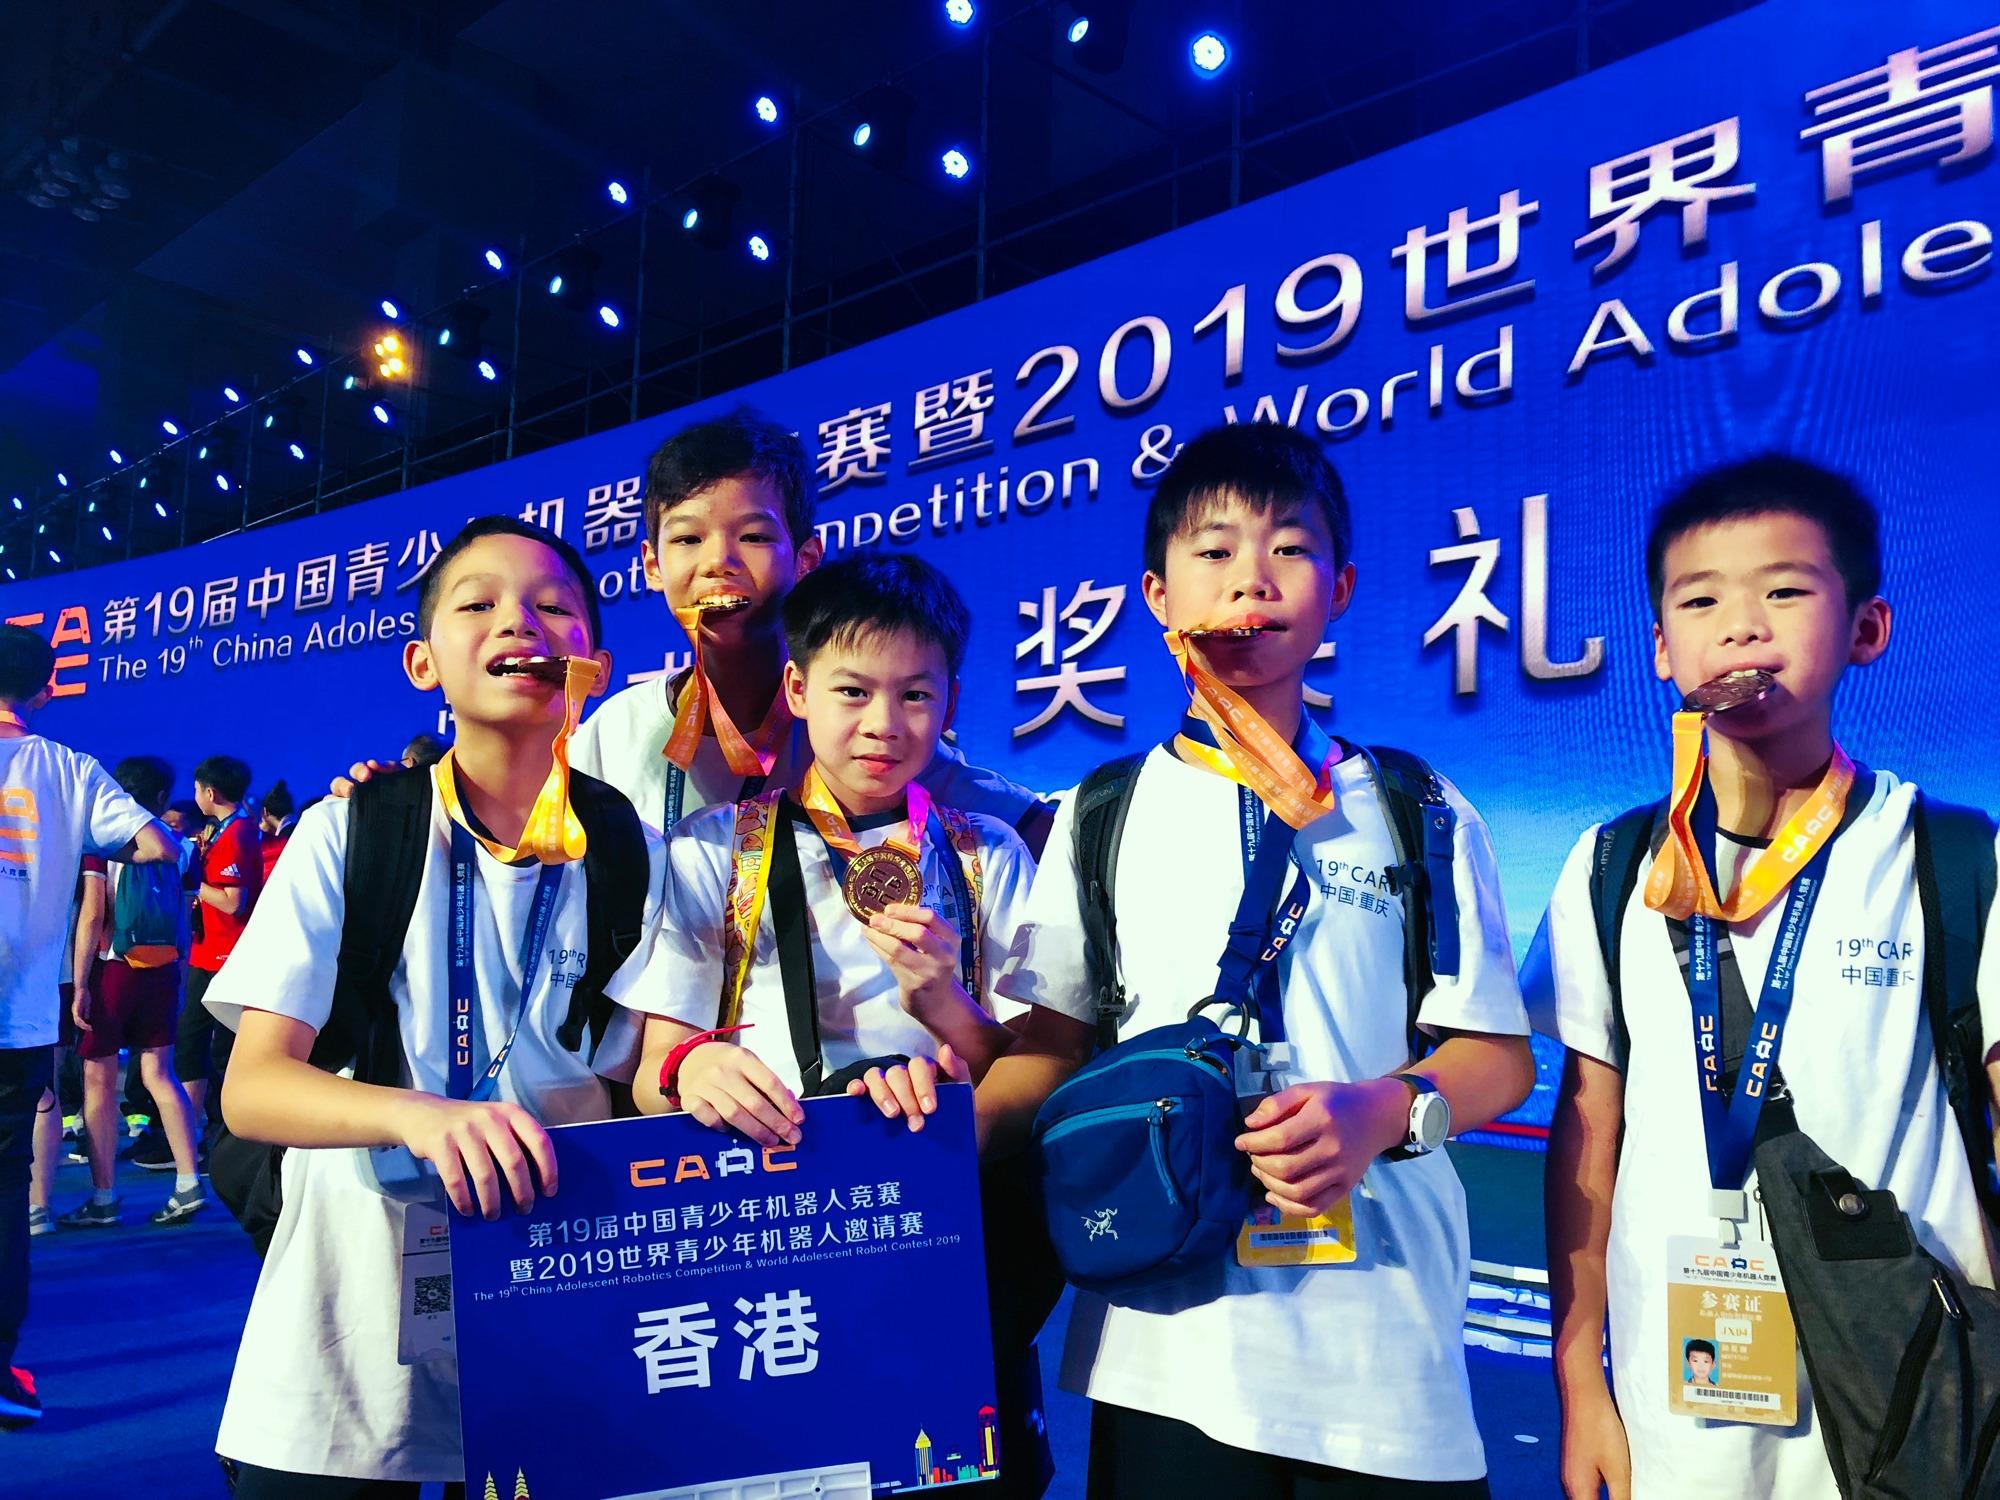 香港队获中国青少年机器人竞赛创意设计一等奖